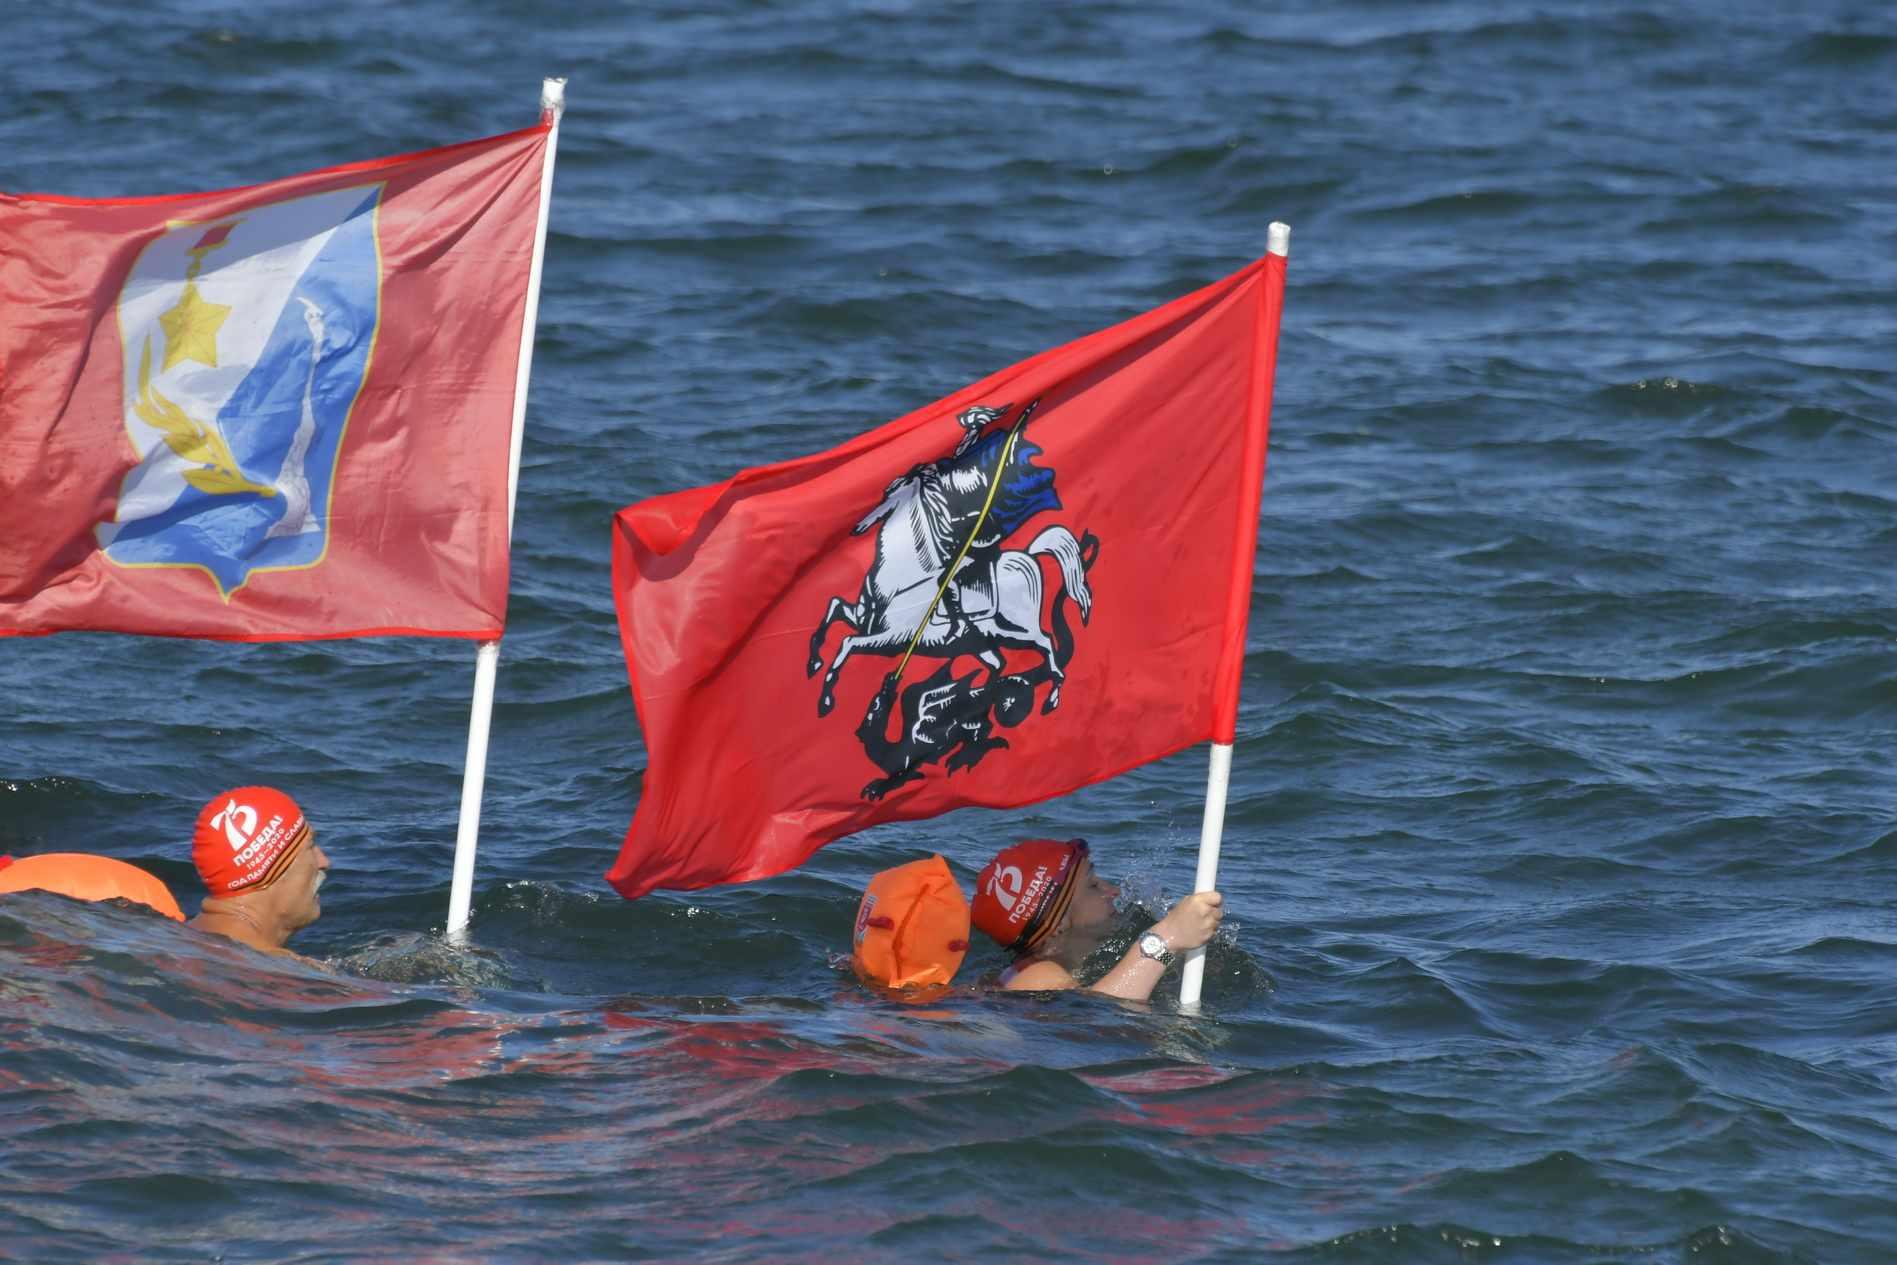 Завершился заплыв экстремалов-моржей от Новороссийска до Севастополя